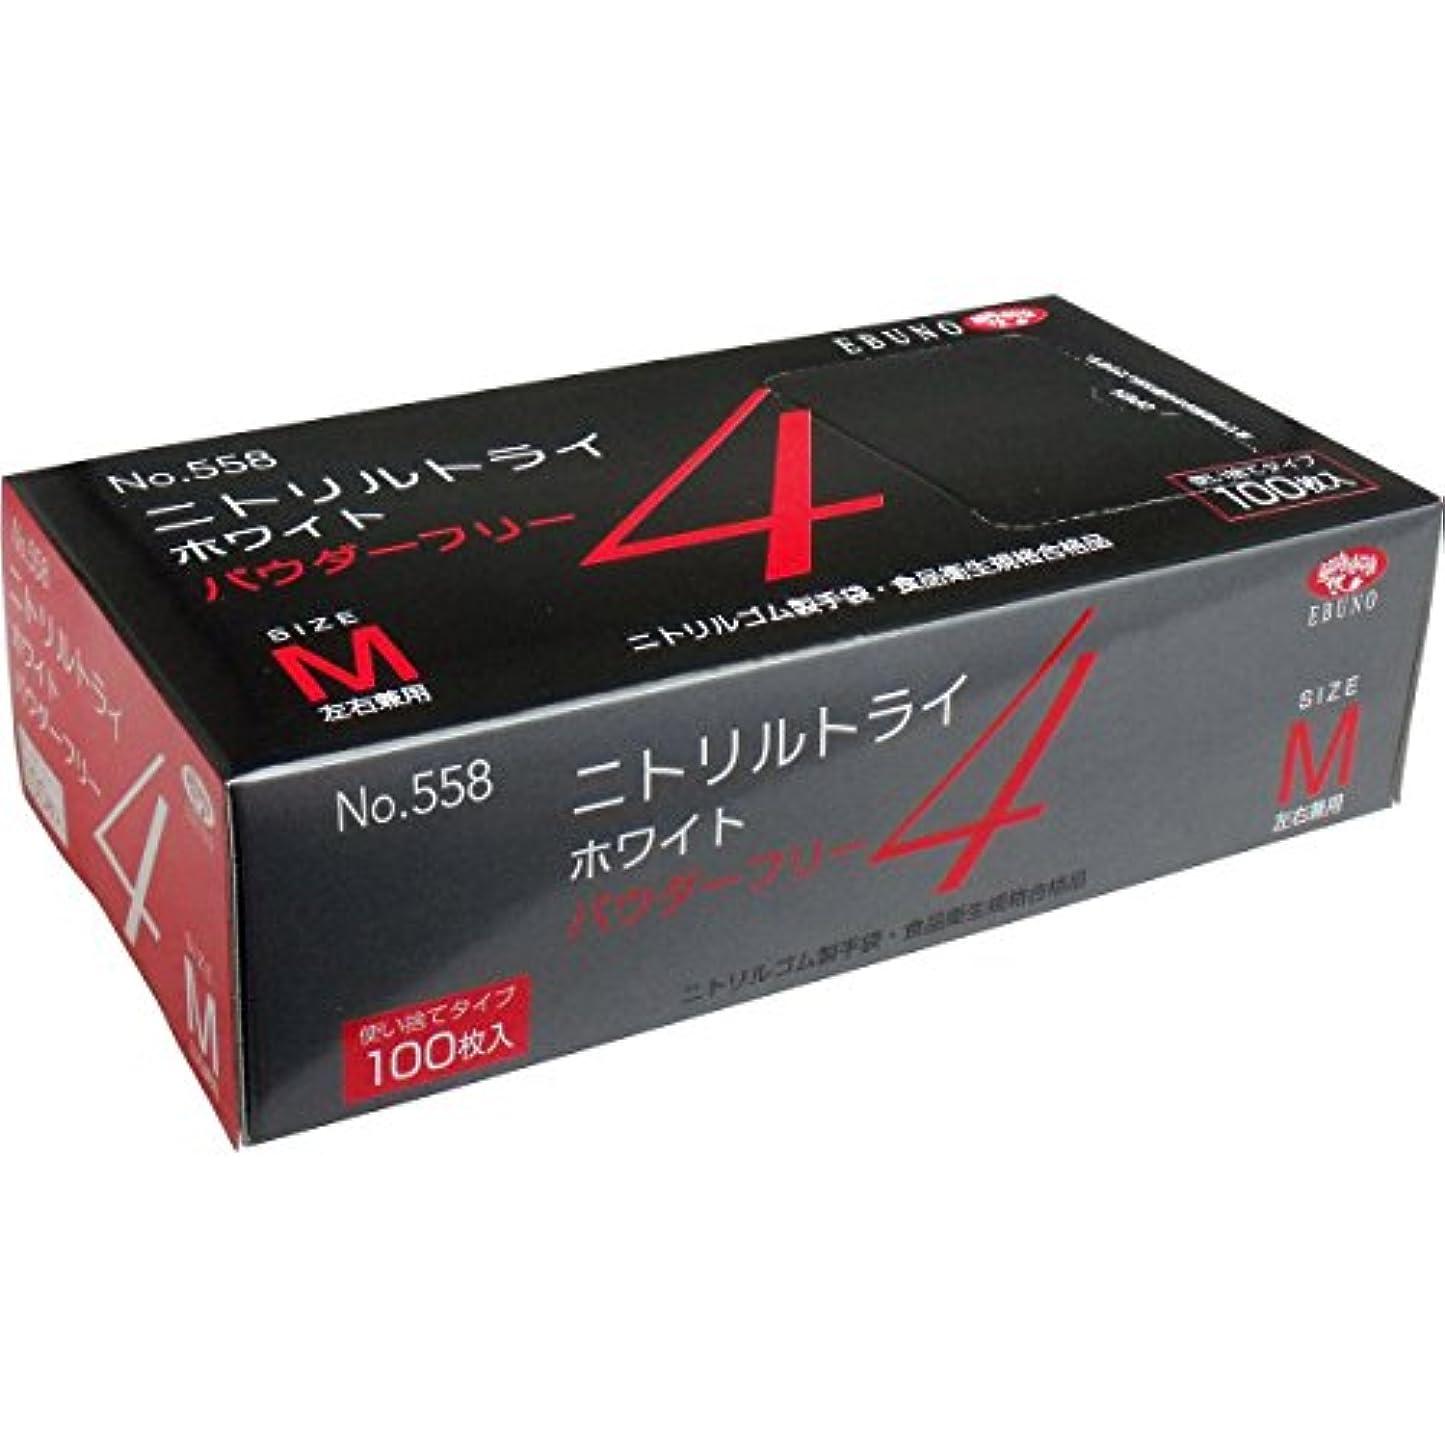 眠いですカブ無効にするニトリルトライ4 手袋 ホワイト パウダーフリー Mサイズ 100枚入×10個セット